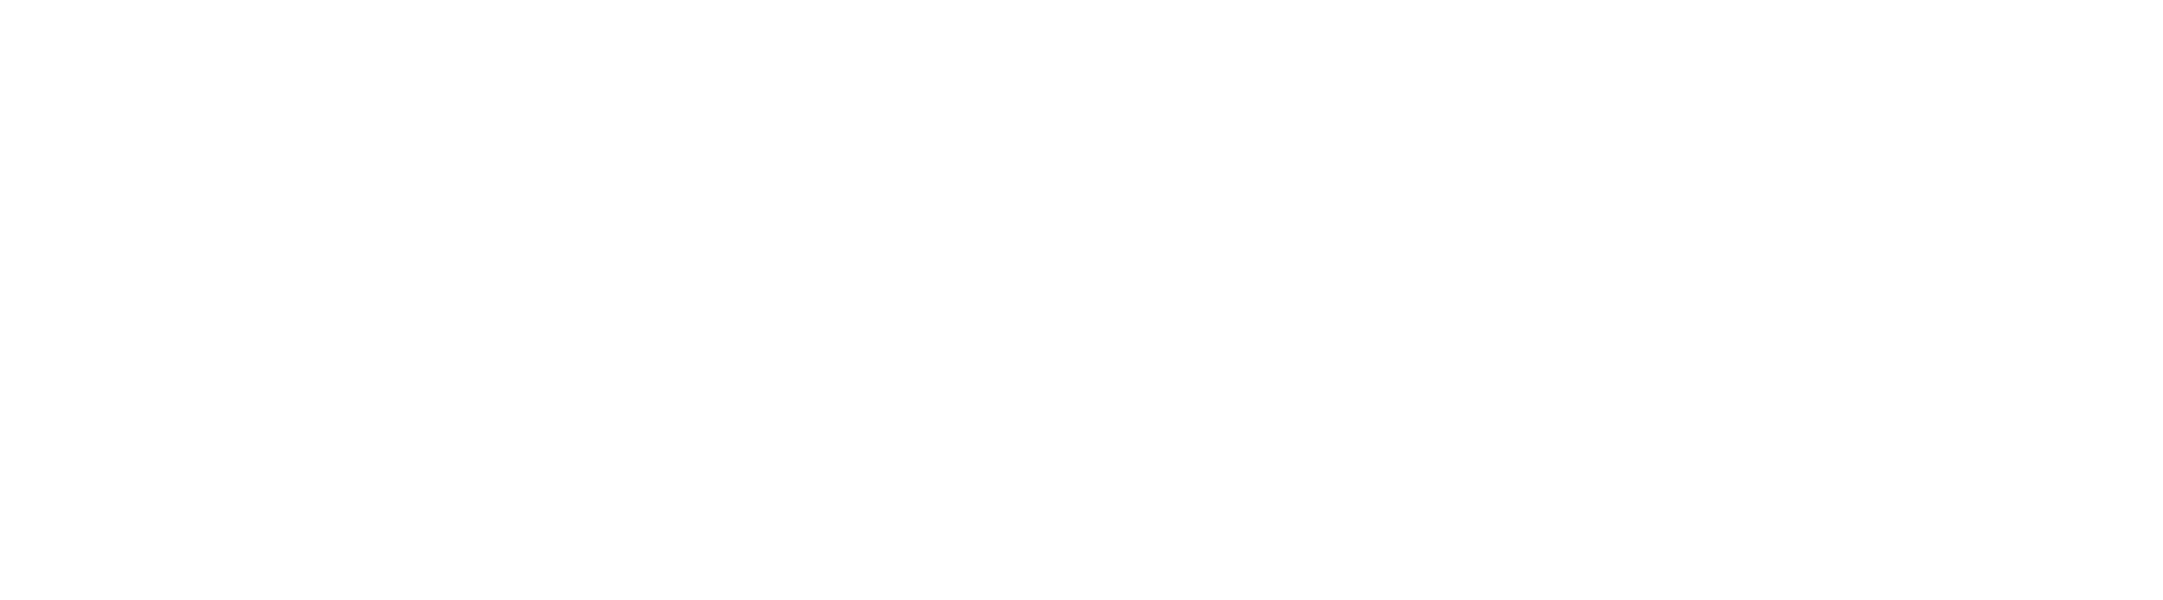 All Churches Trust Ltd